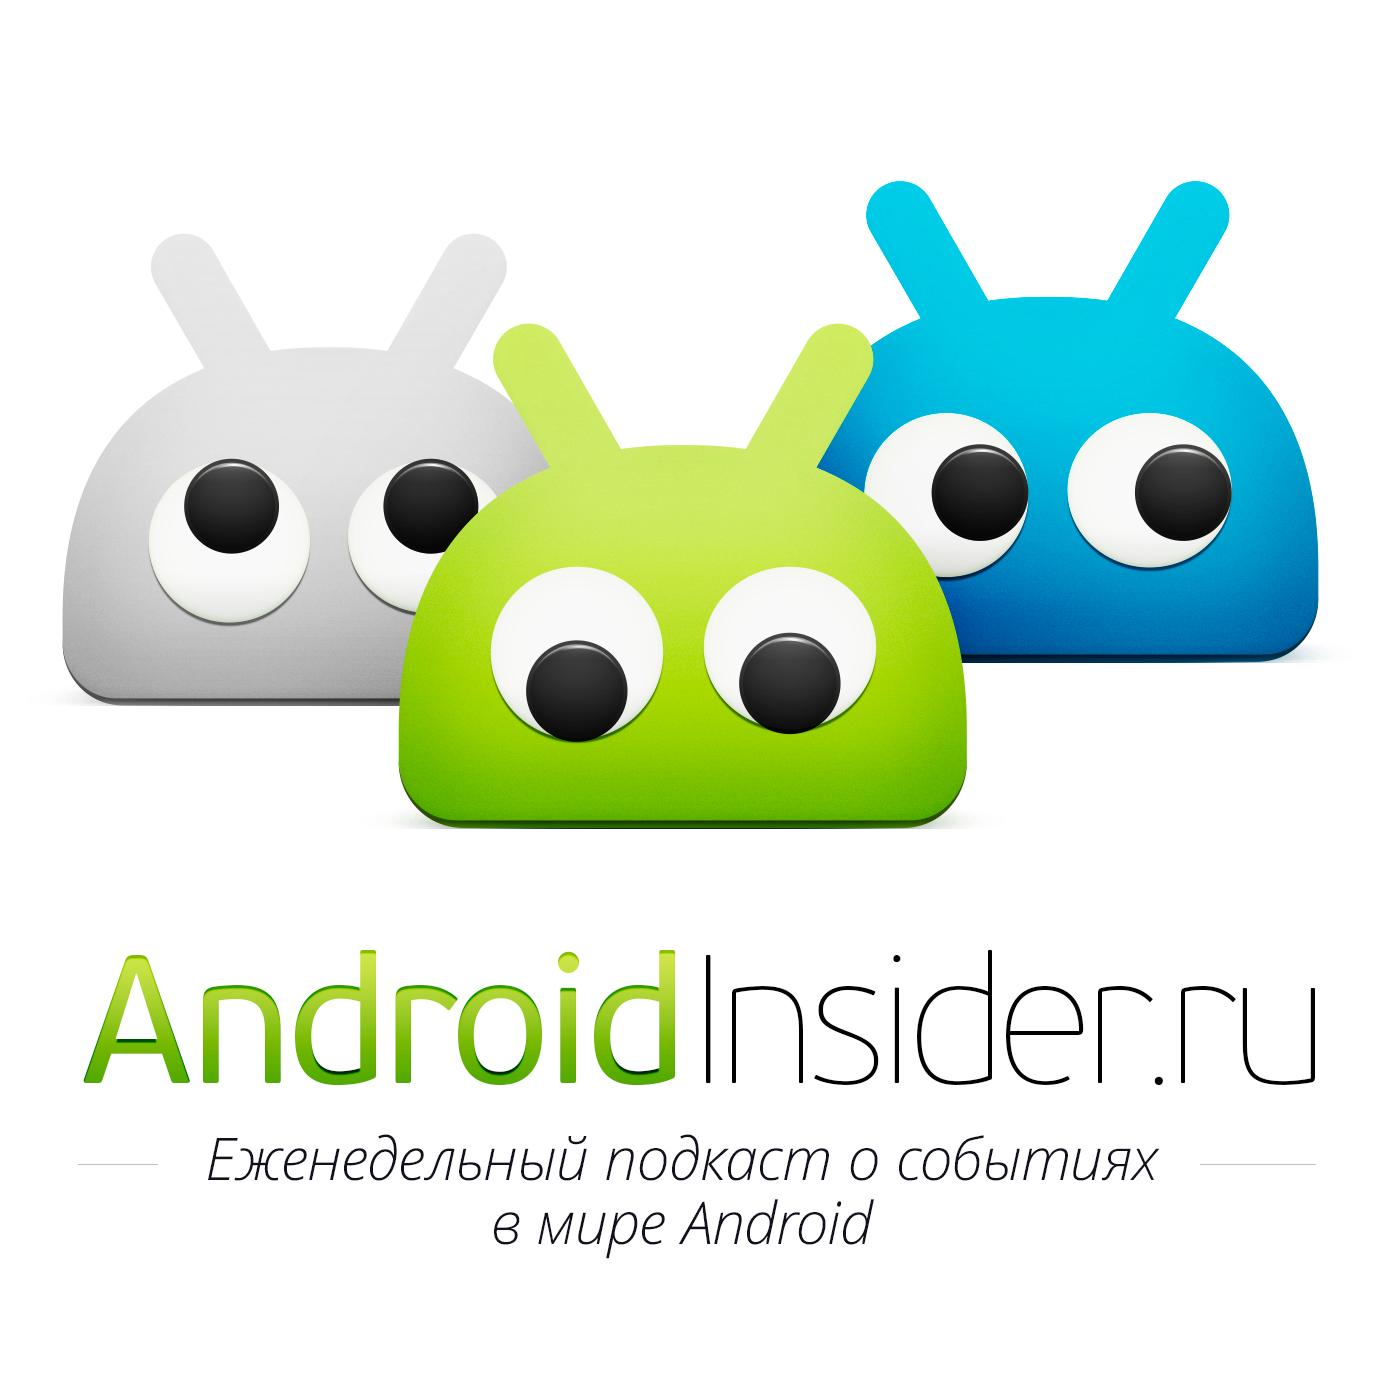 Илья Ильин Продолжаем обсуждать Google I/O 2015 илья ильин барселона